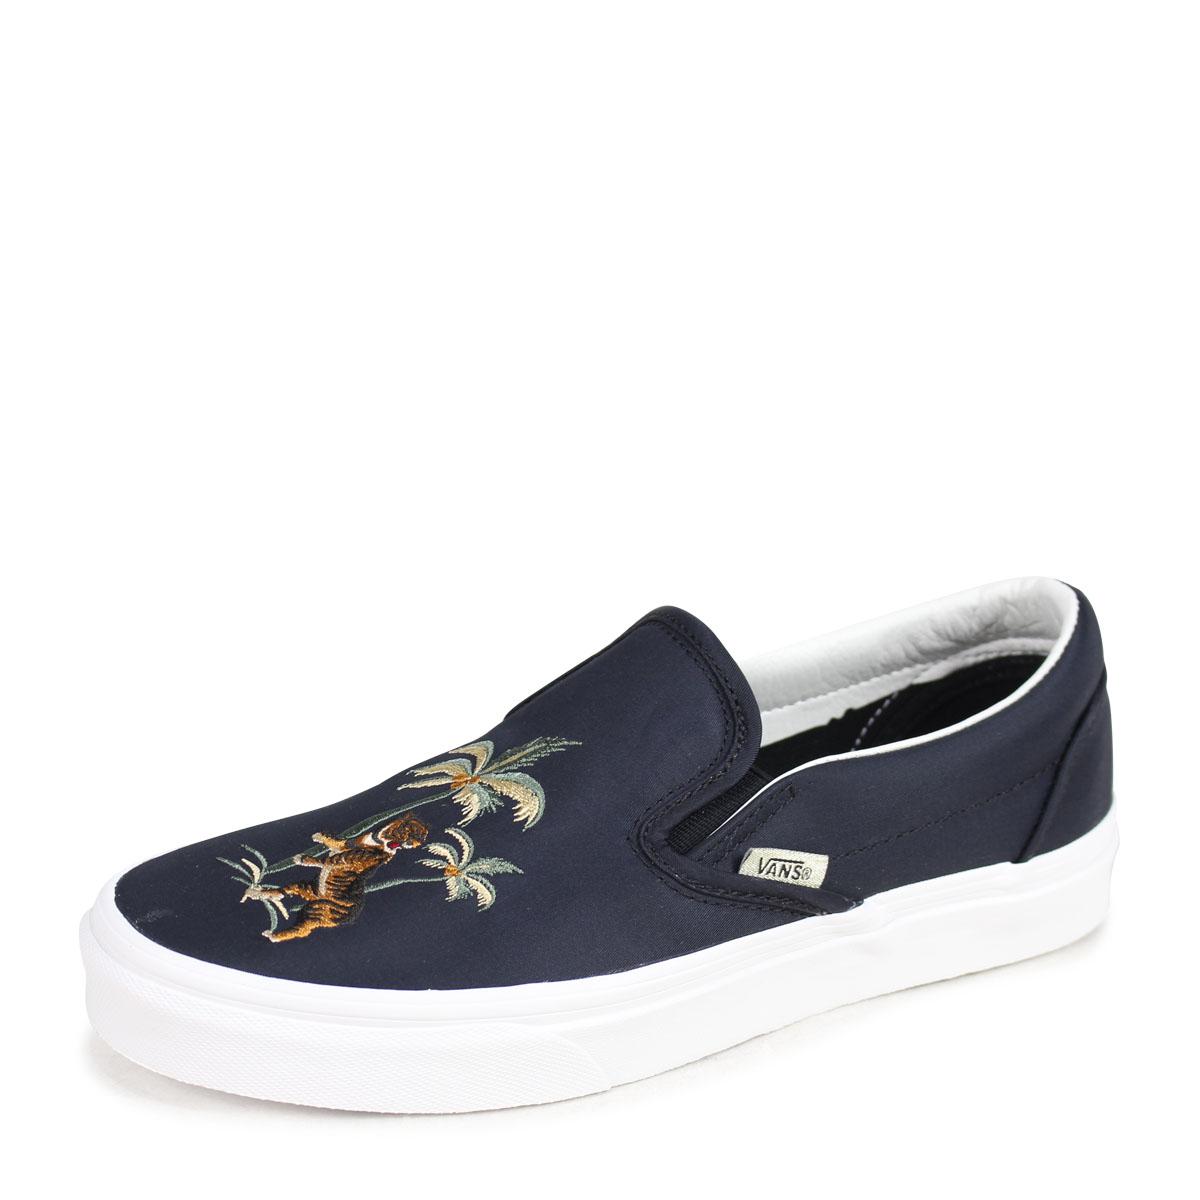 4381e72b24e ALLSPORTS  VANS CLASSIC SLIP-ON DX slip-ons sneakers Lady s vans ...